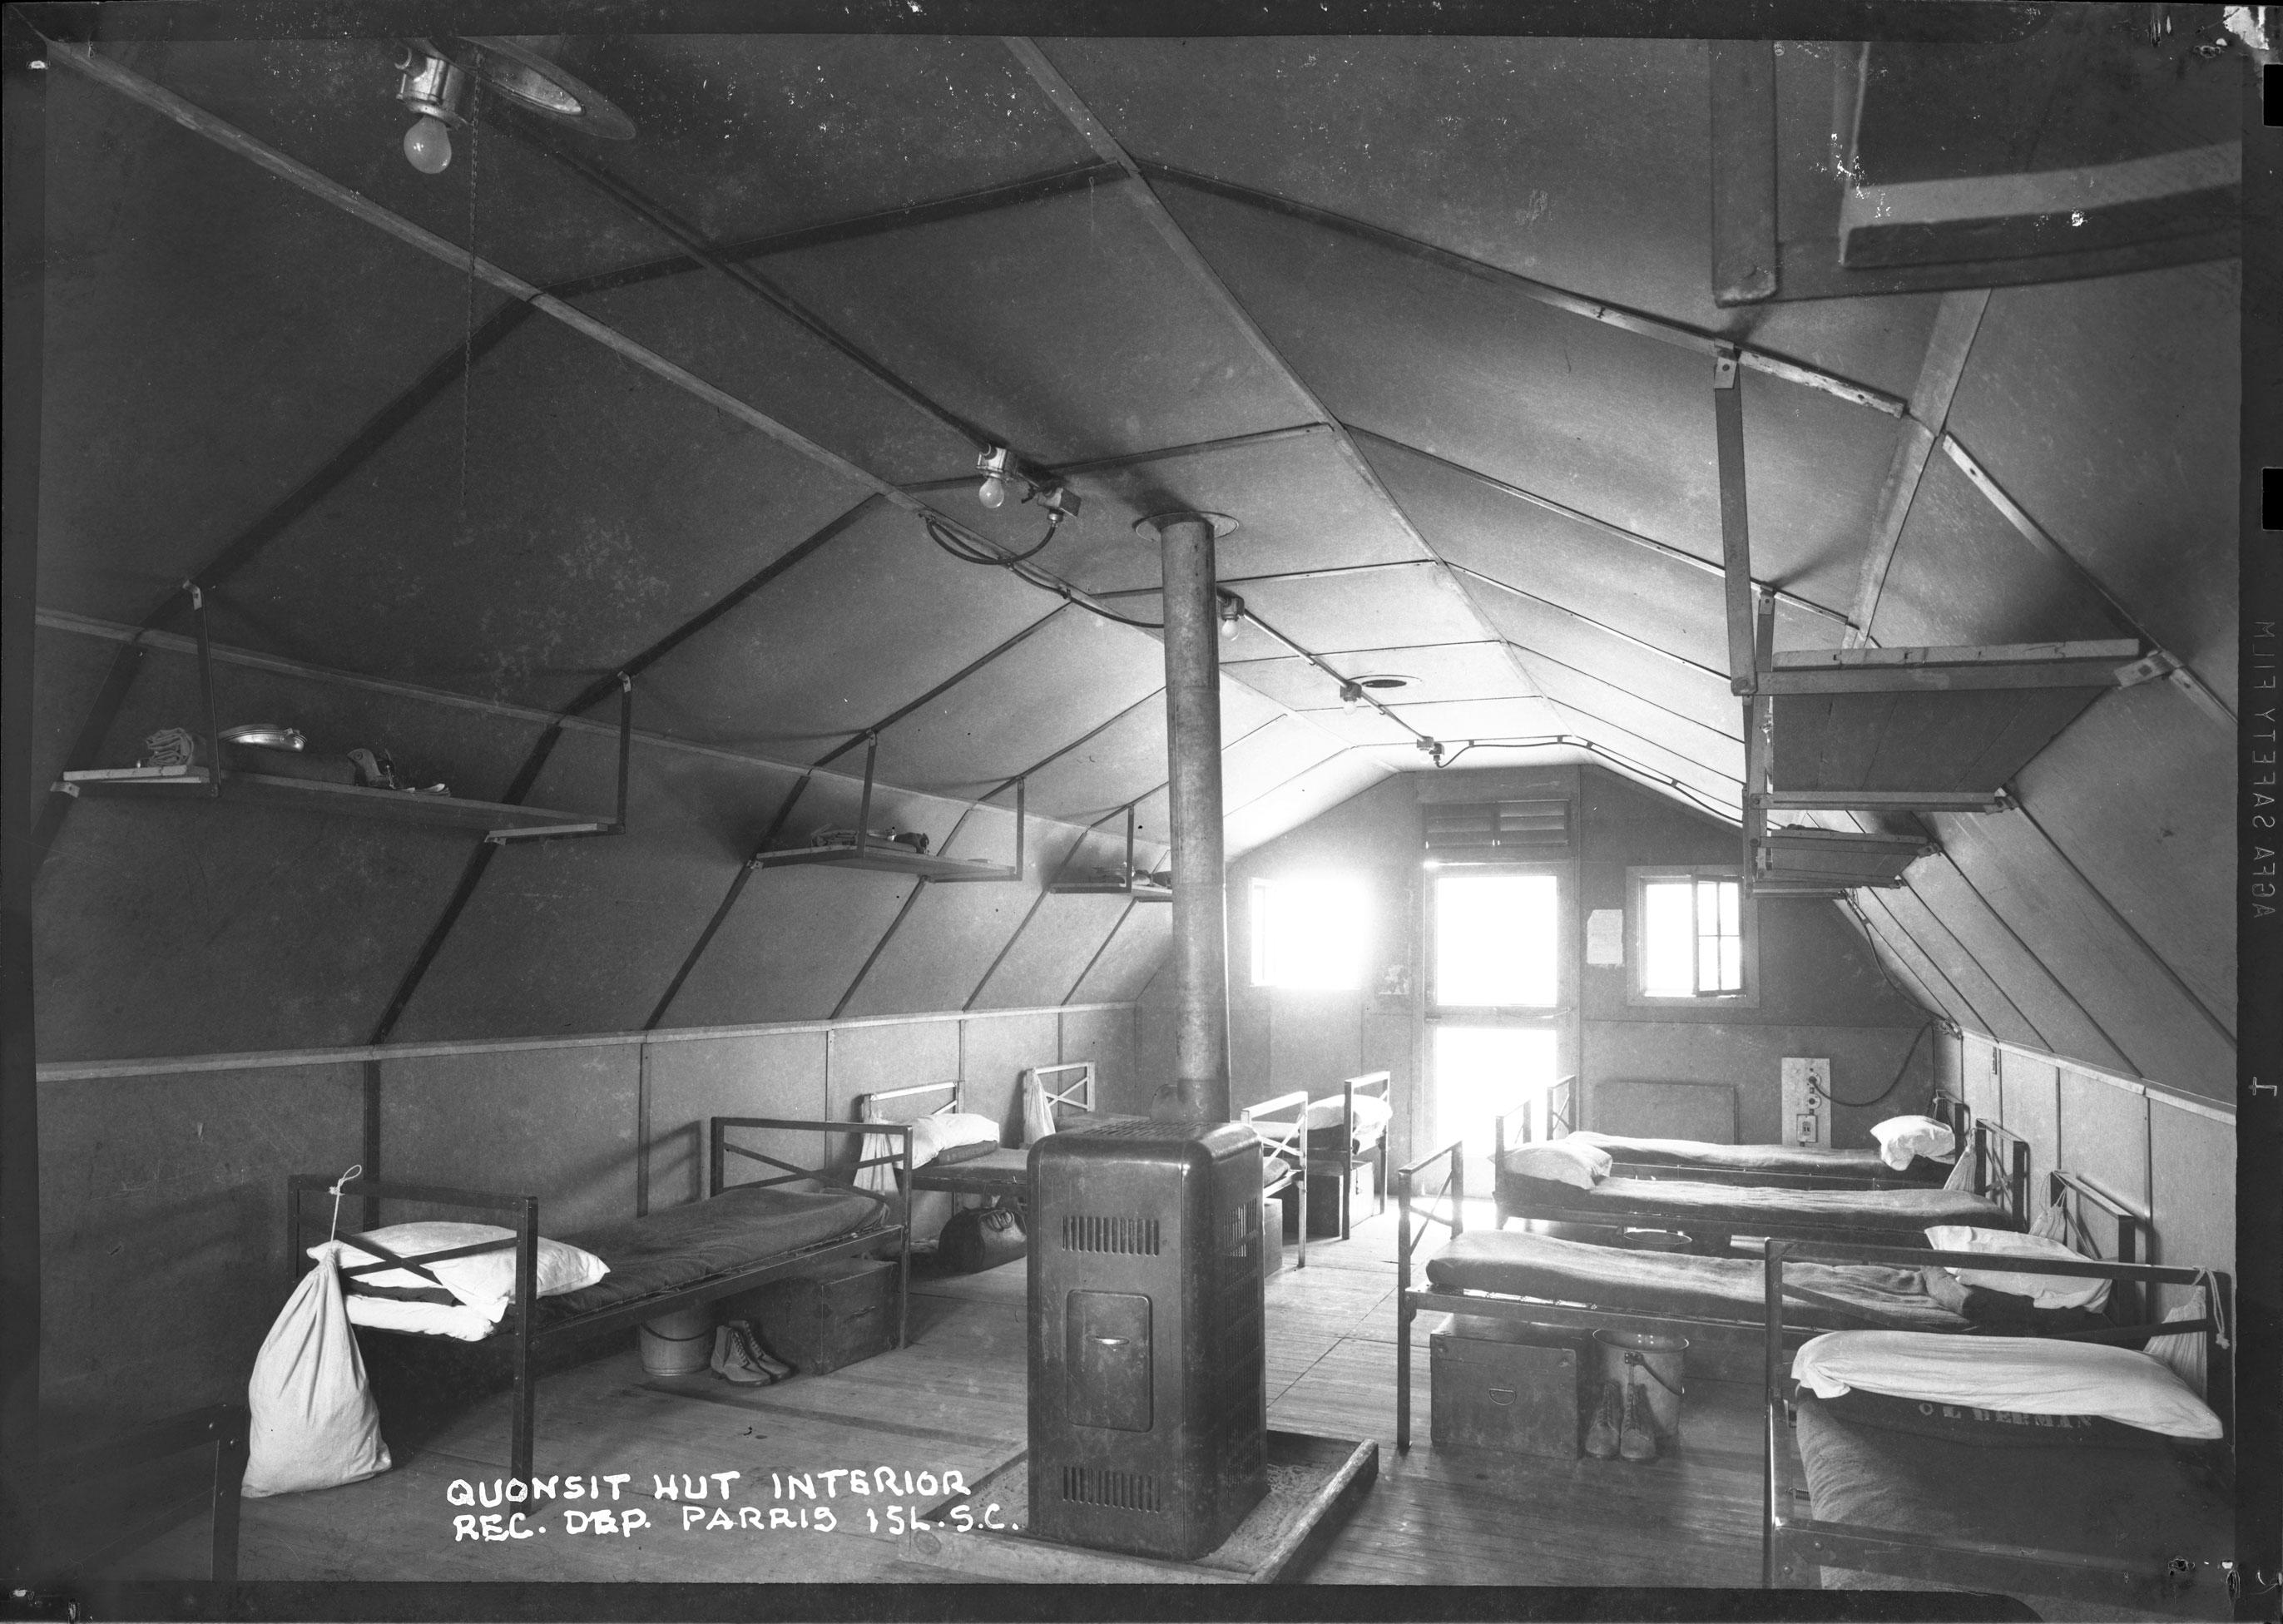 Quonsit Hut Interior Rec. Dep. Parris Isl. S.C.